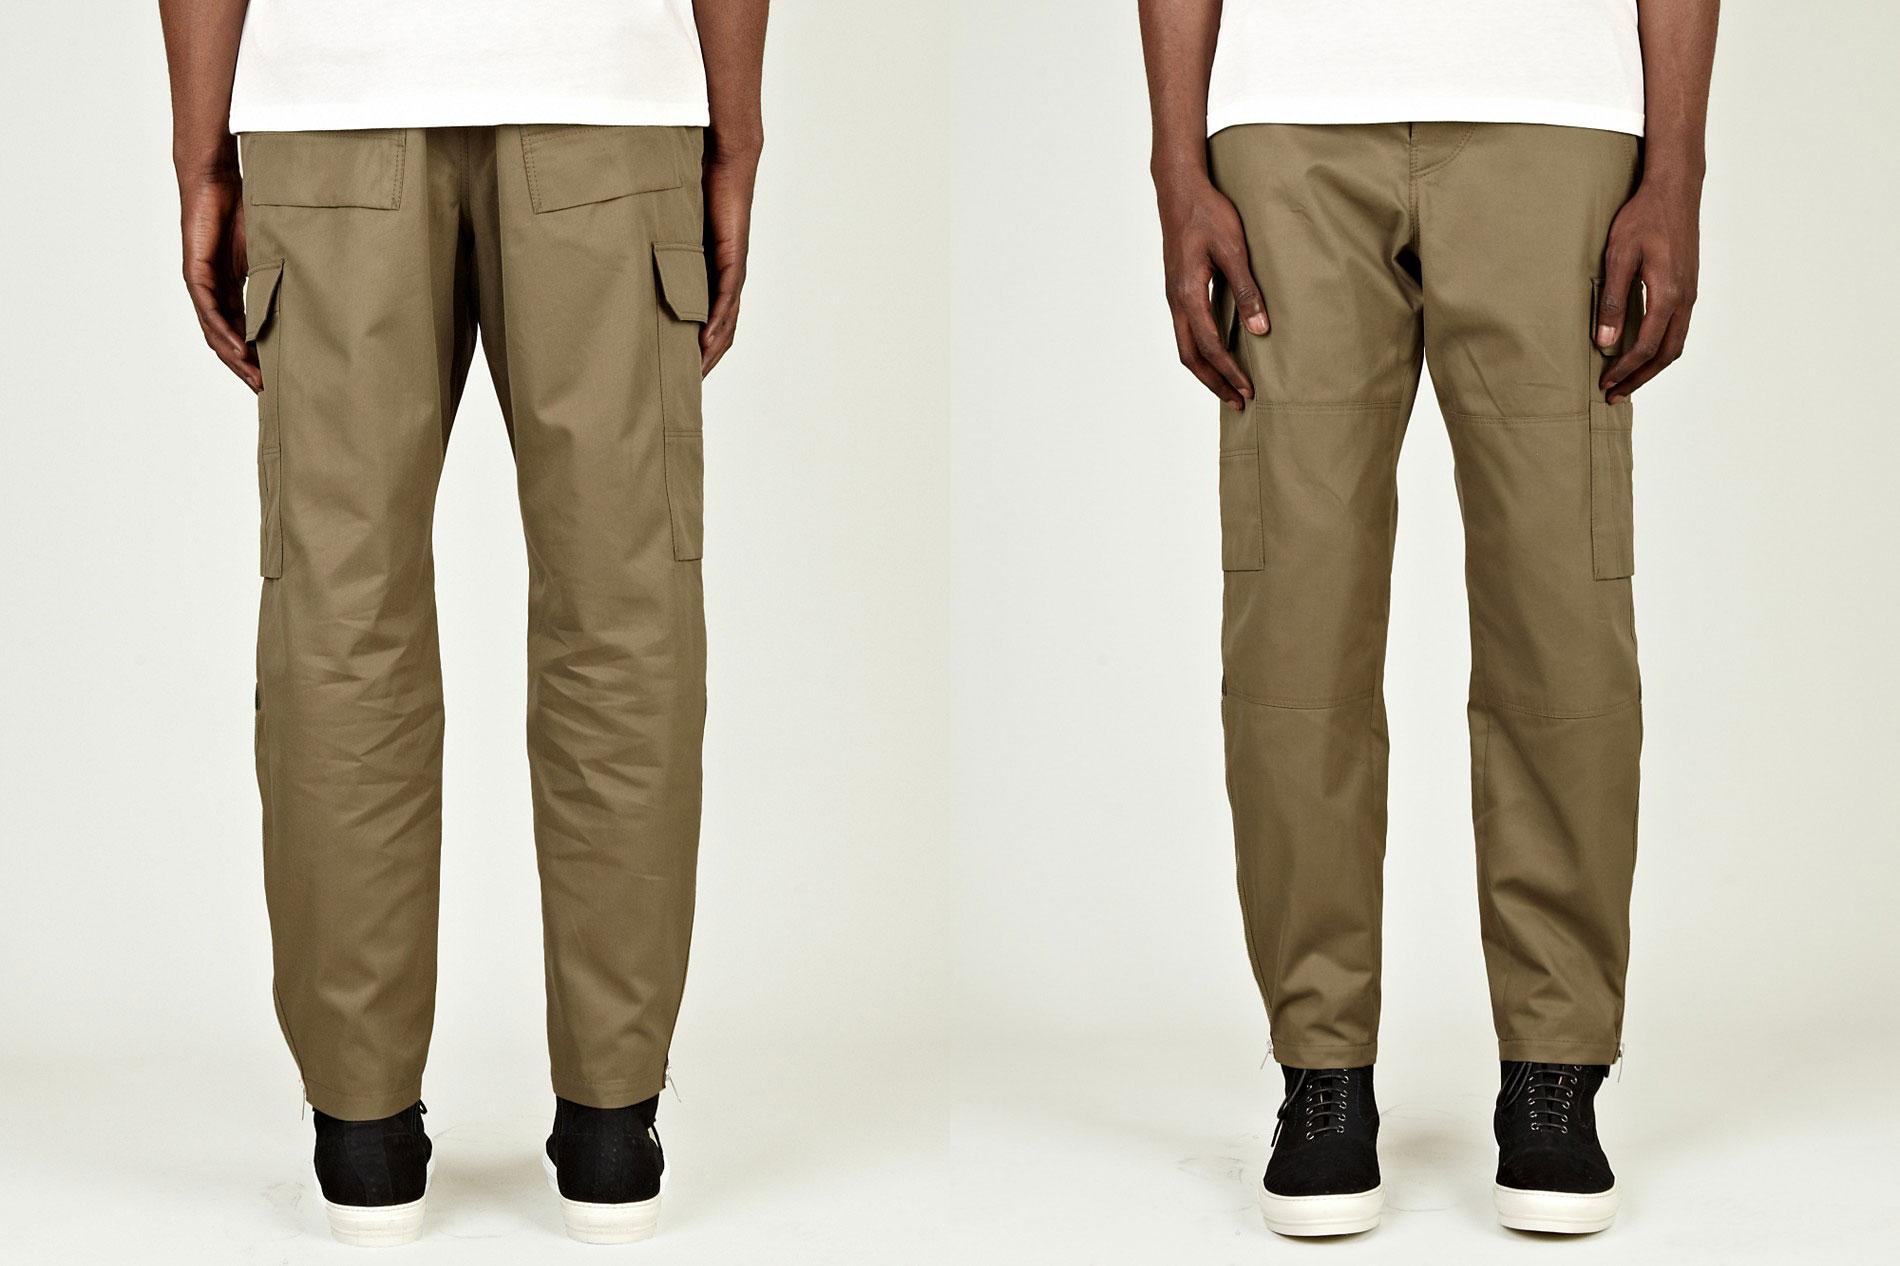 Alexander-McQueen-Combat-Trouser-2